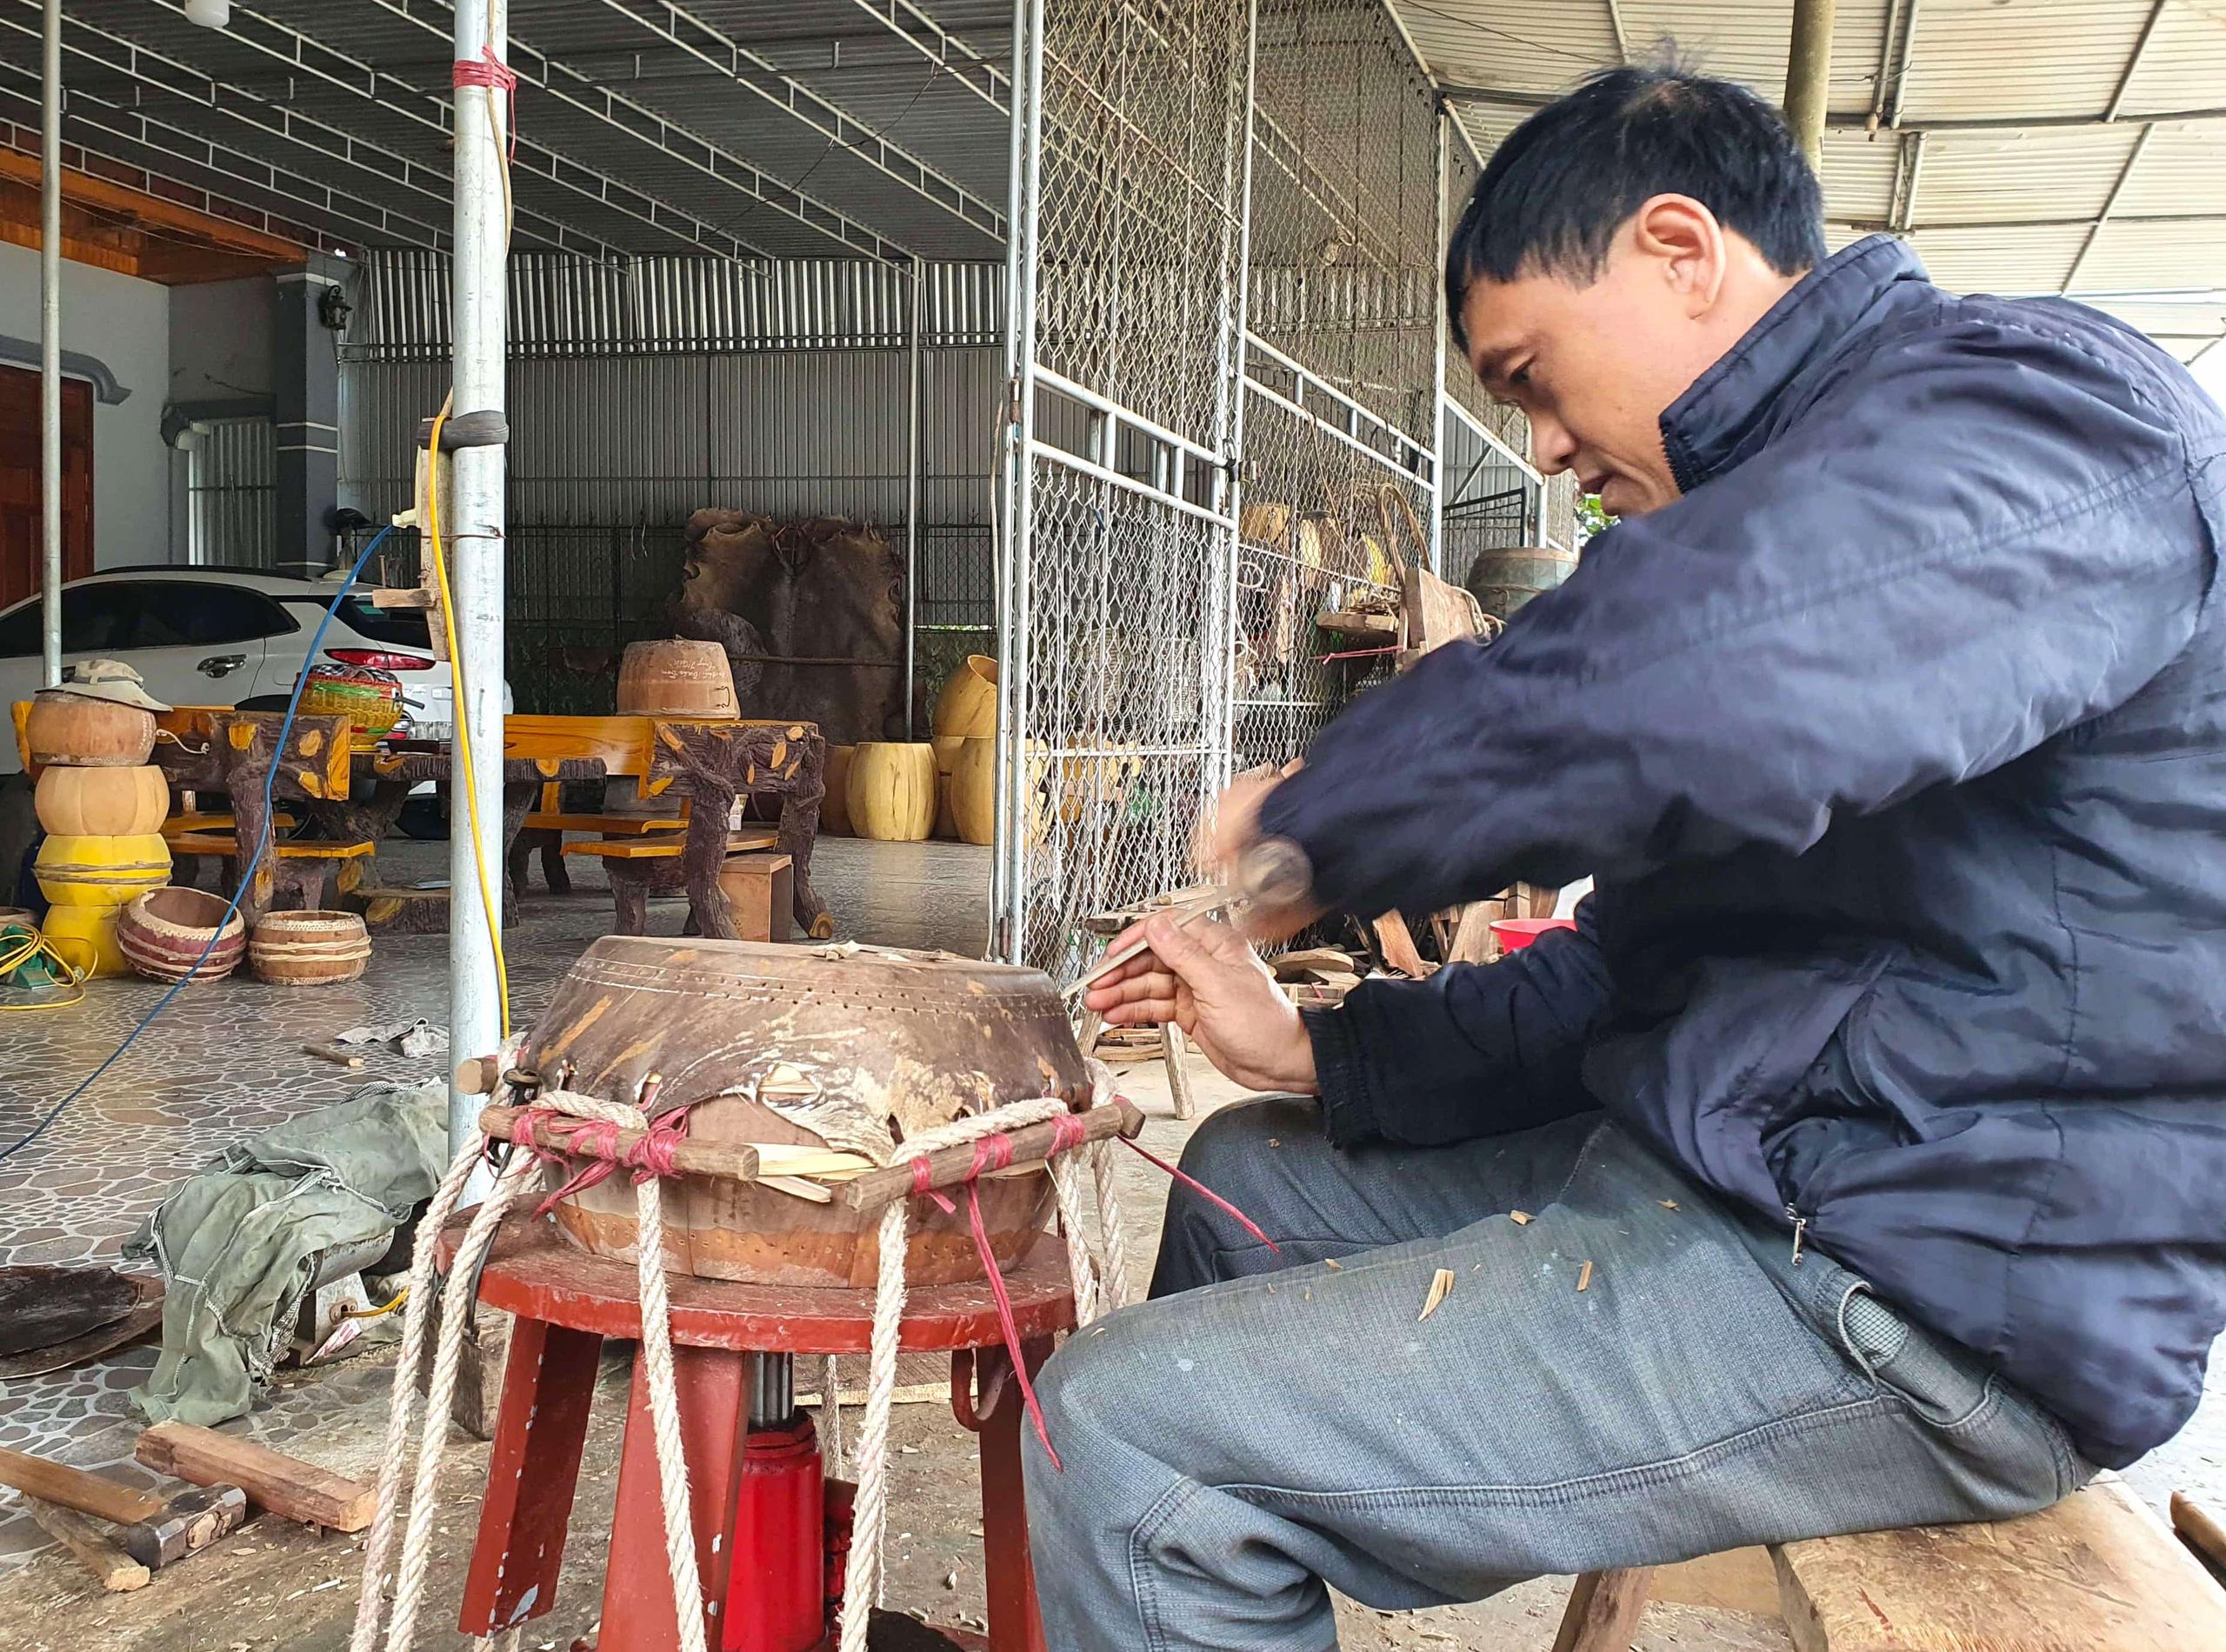 Cận cảnh quá trình thuộc da trâu, bò làm trống của những người thợ tài hoa - Ảnh 9.